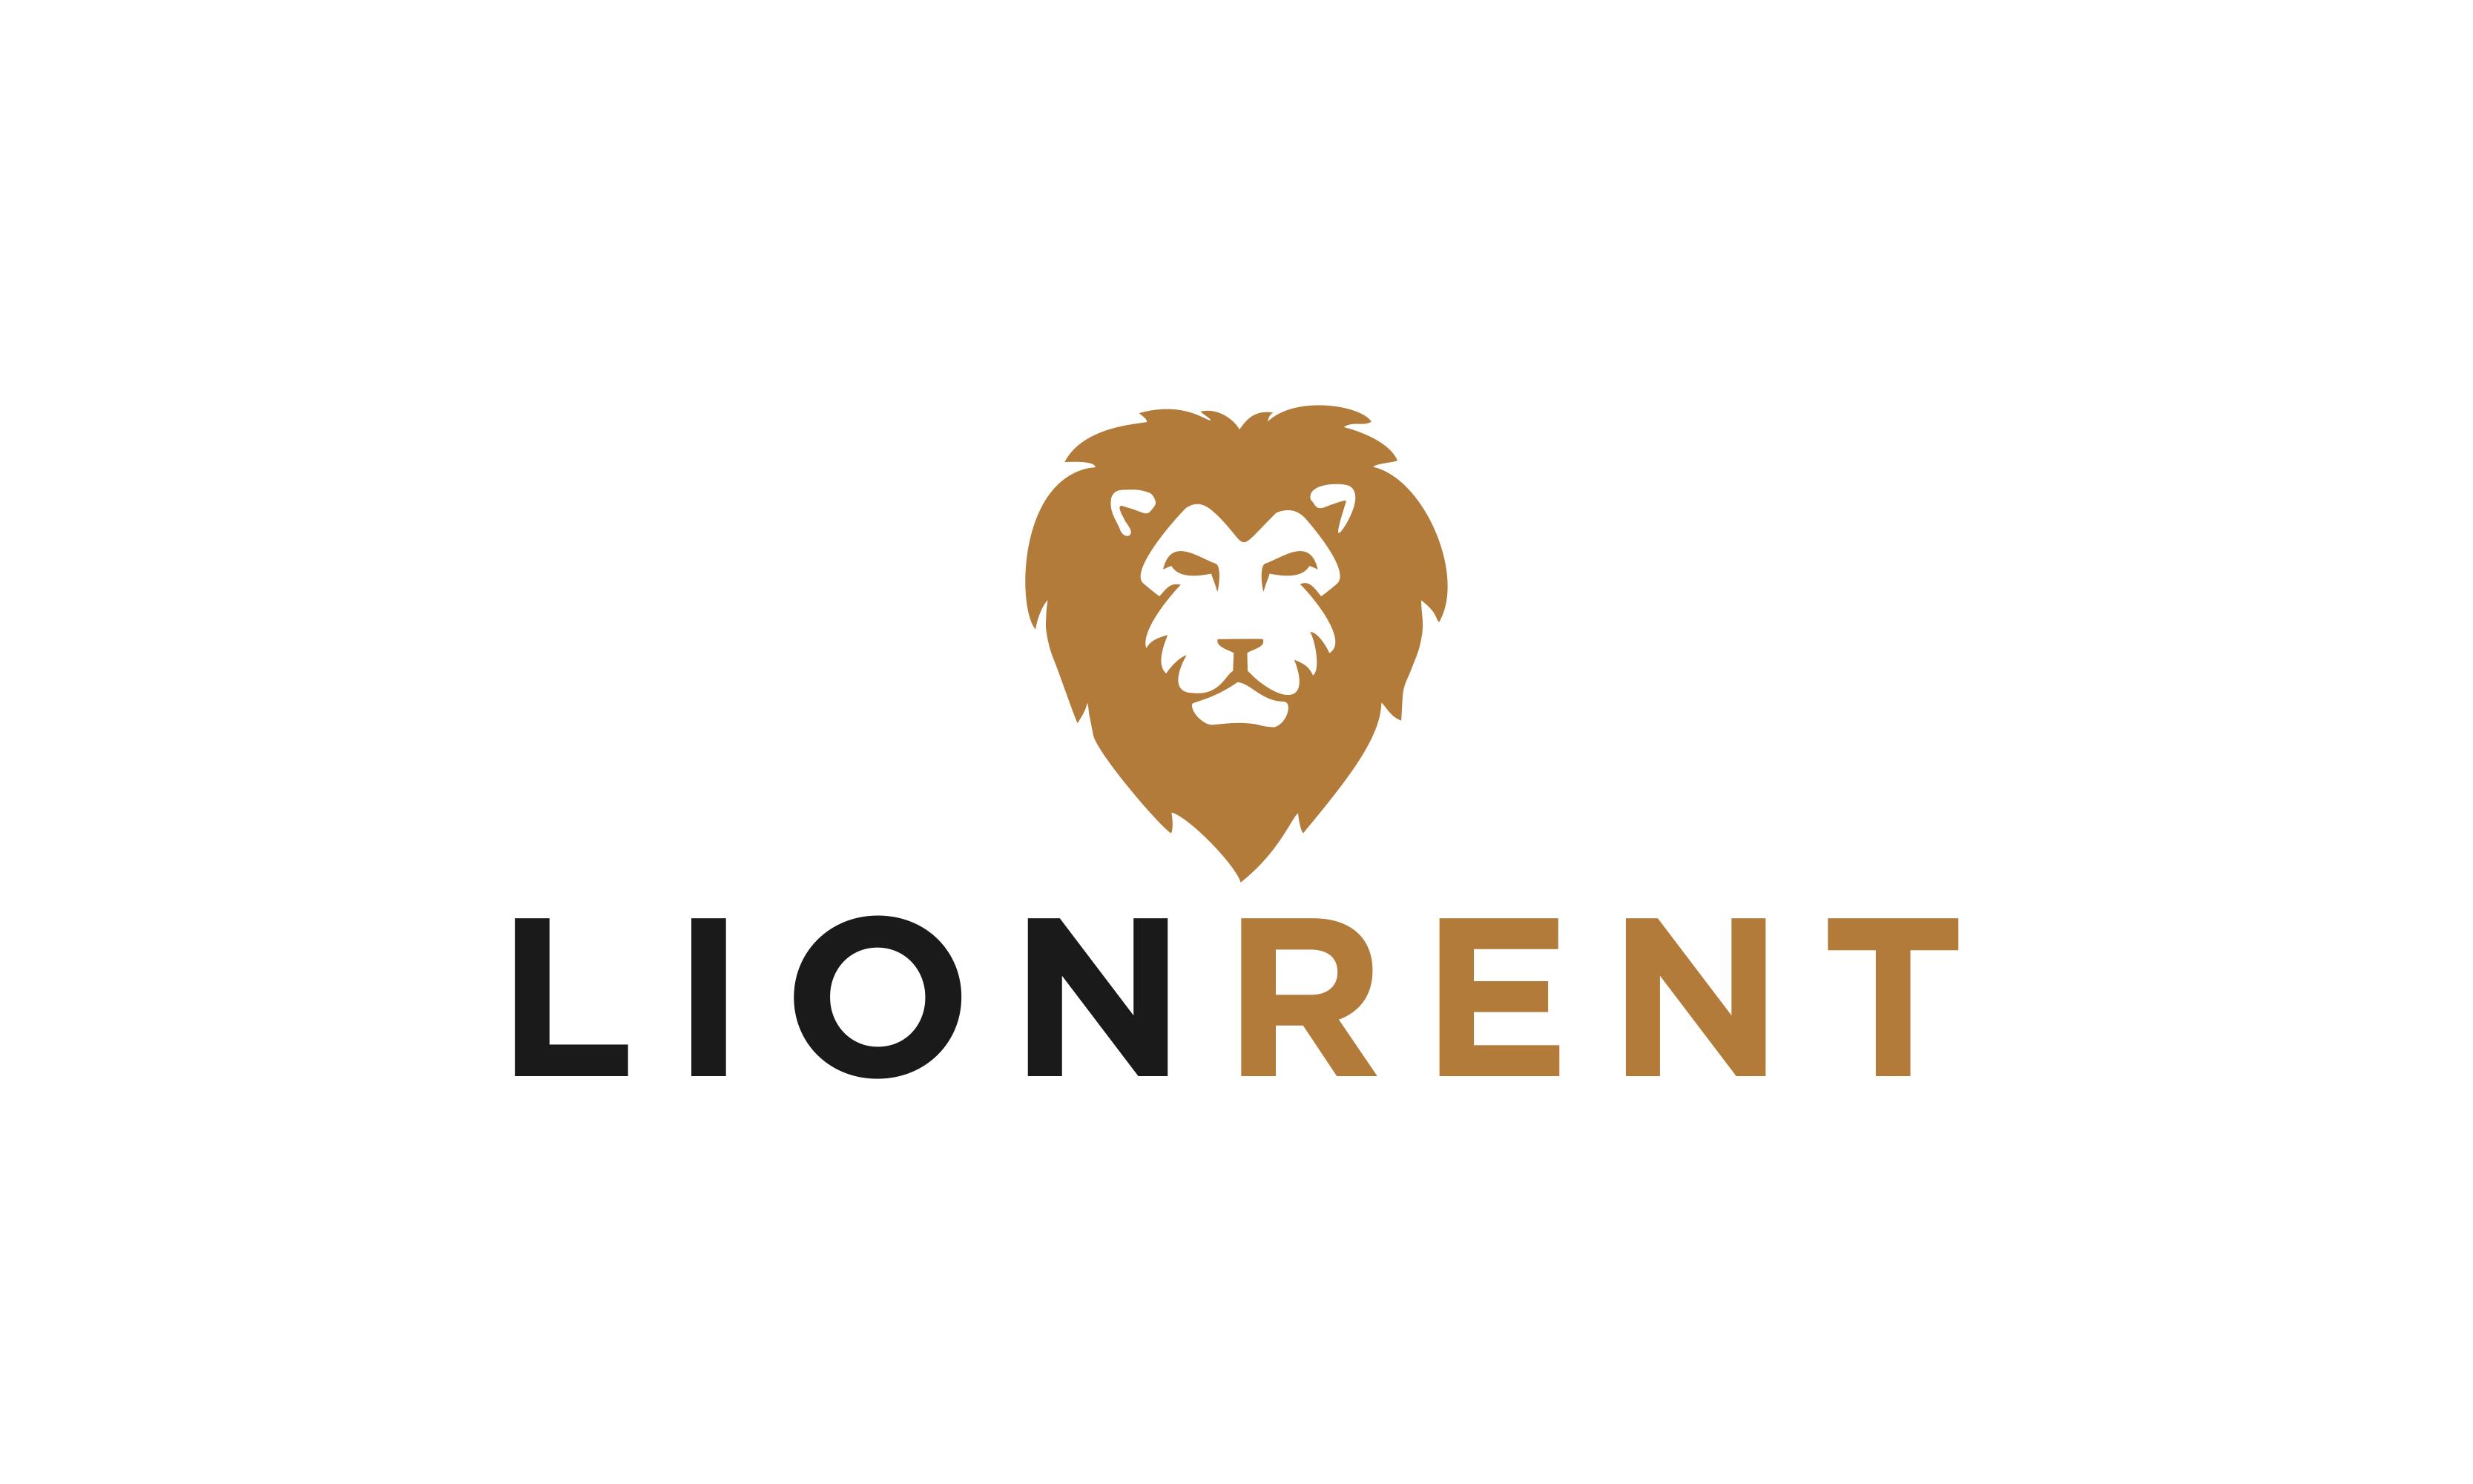 Lionrent